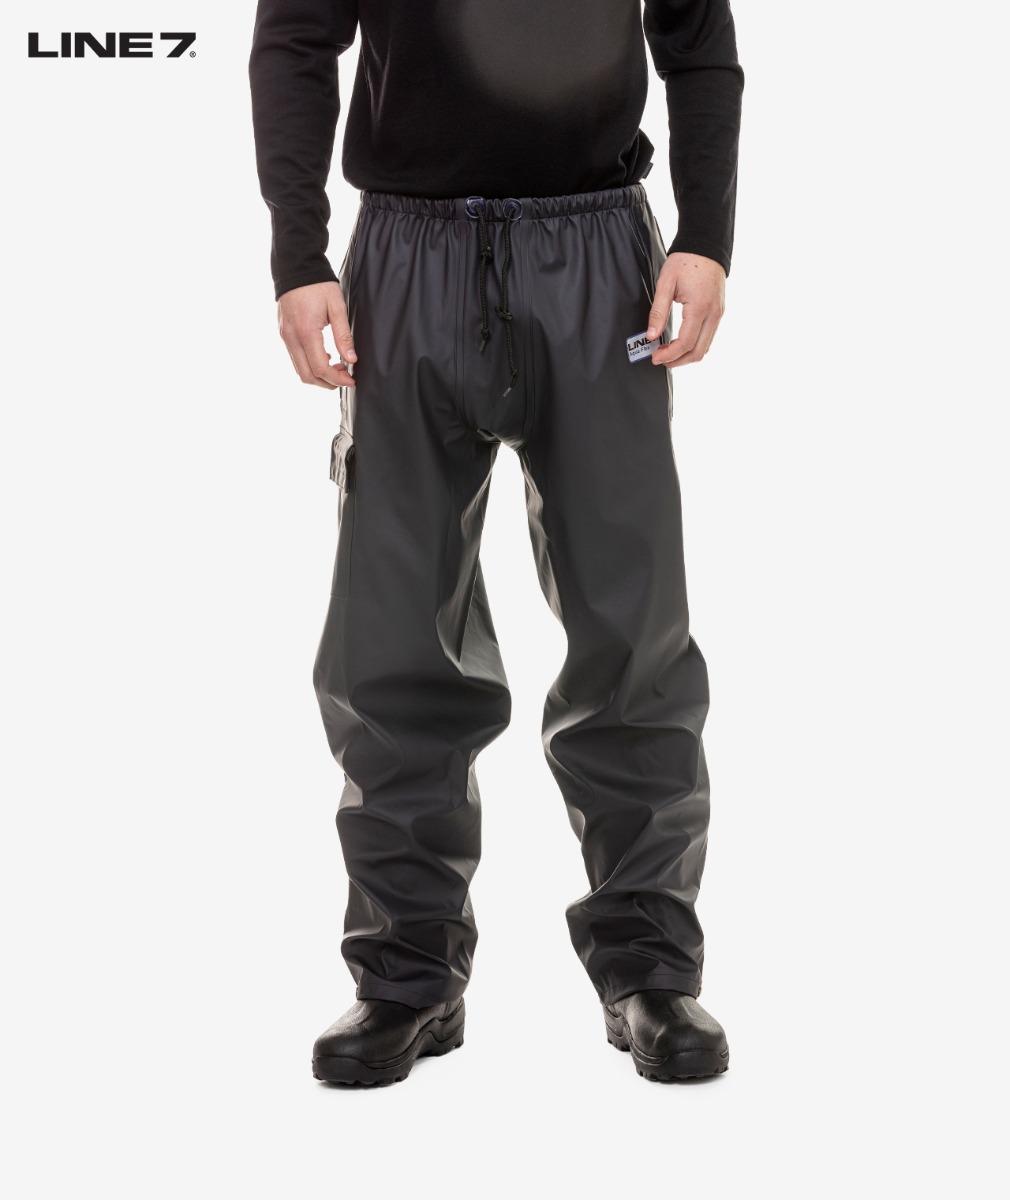 Line 7 Men's Aqua Flex Waterproof Over Trouser